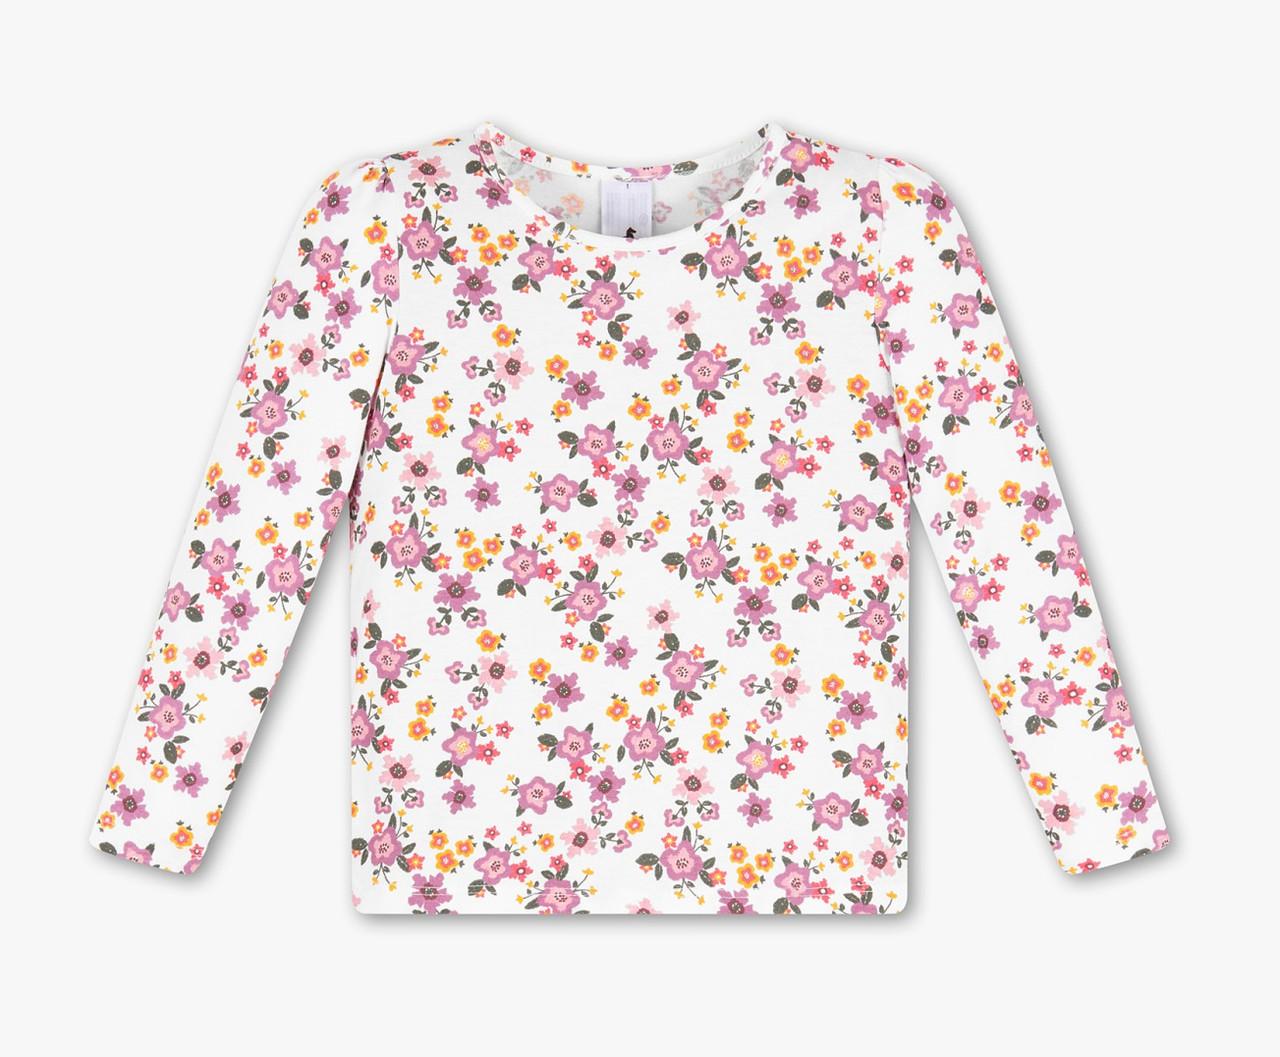 Реглан для девочки с принтом цветов C&A Германия Размер 104